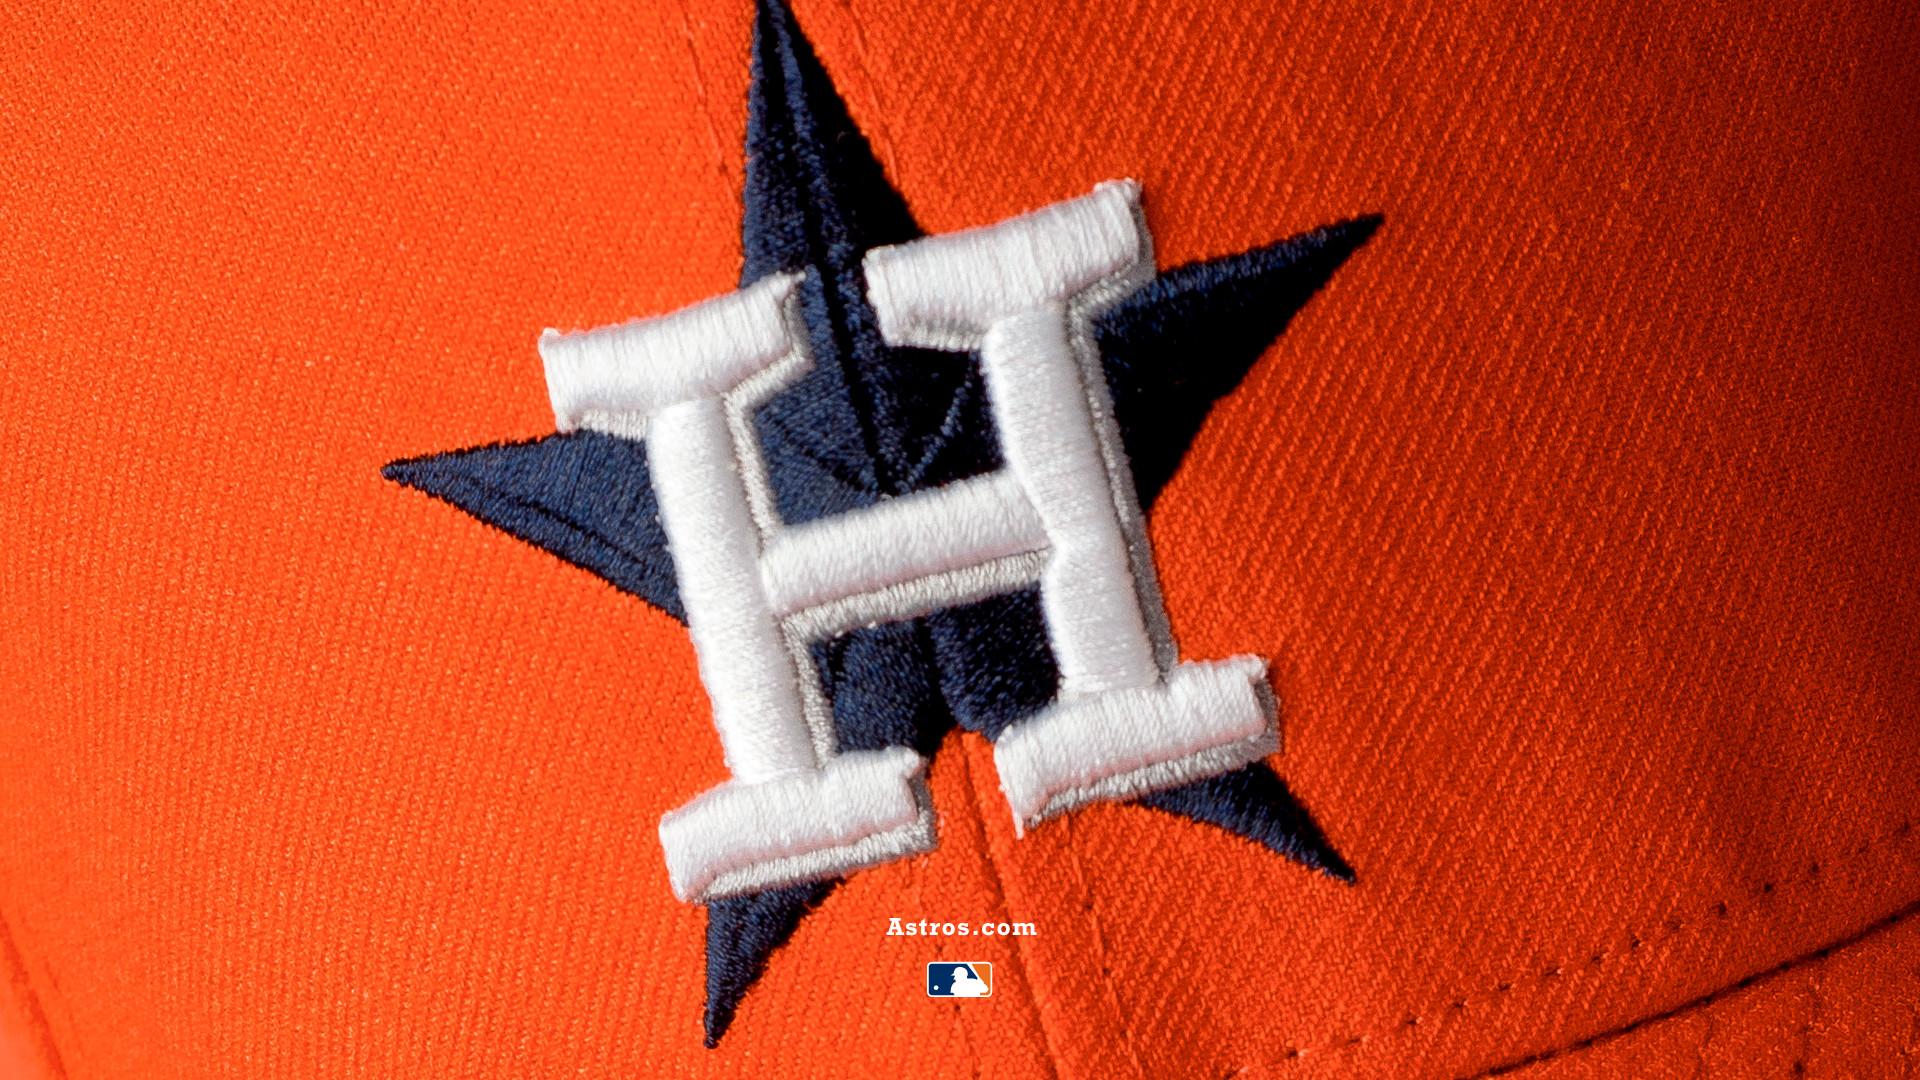 … houston astros mlb baseball 34 wallpaper 232061 …